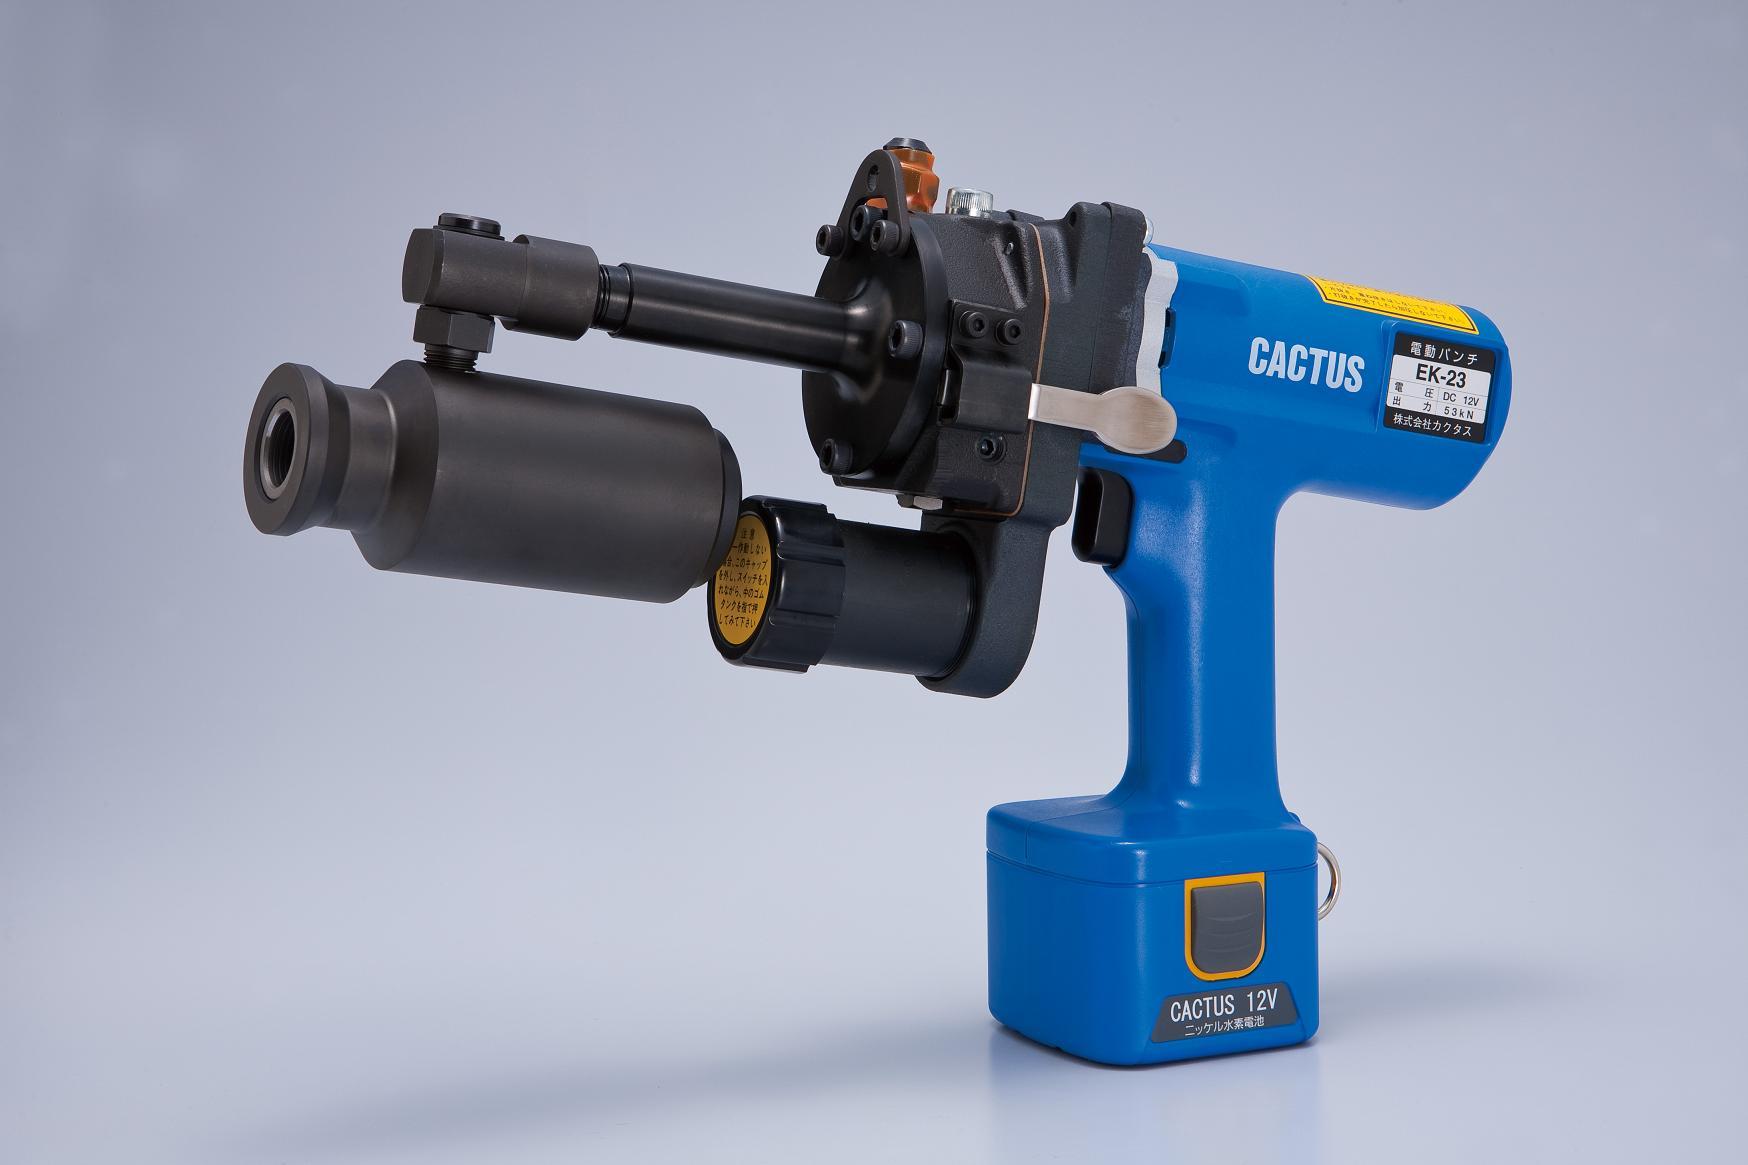 产基 CACTUS 电动油压式打孔机EK-23 CACTUS EK 23